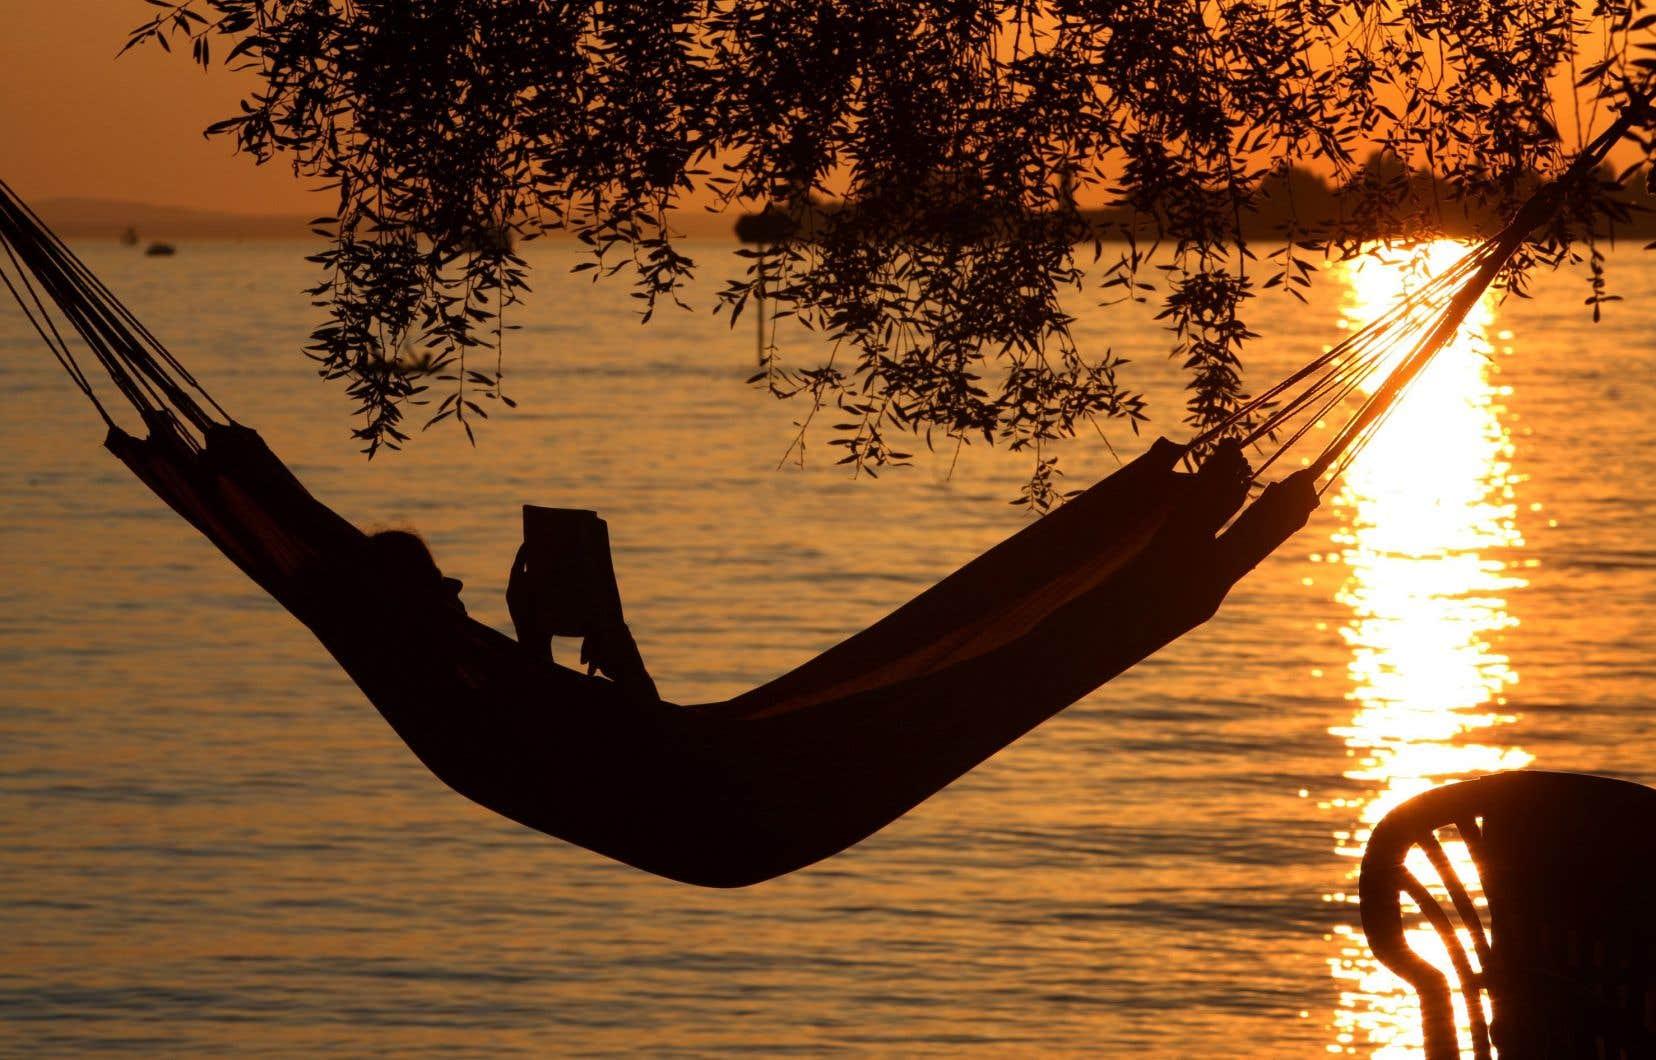 Dans un hamac: l'une des bonnes façons de profiter de la lecture estivale